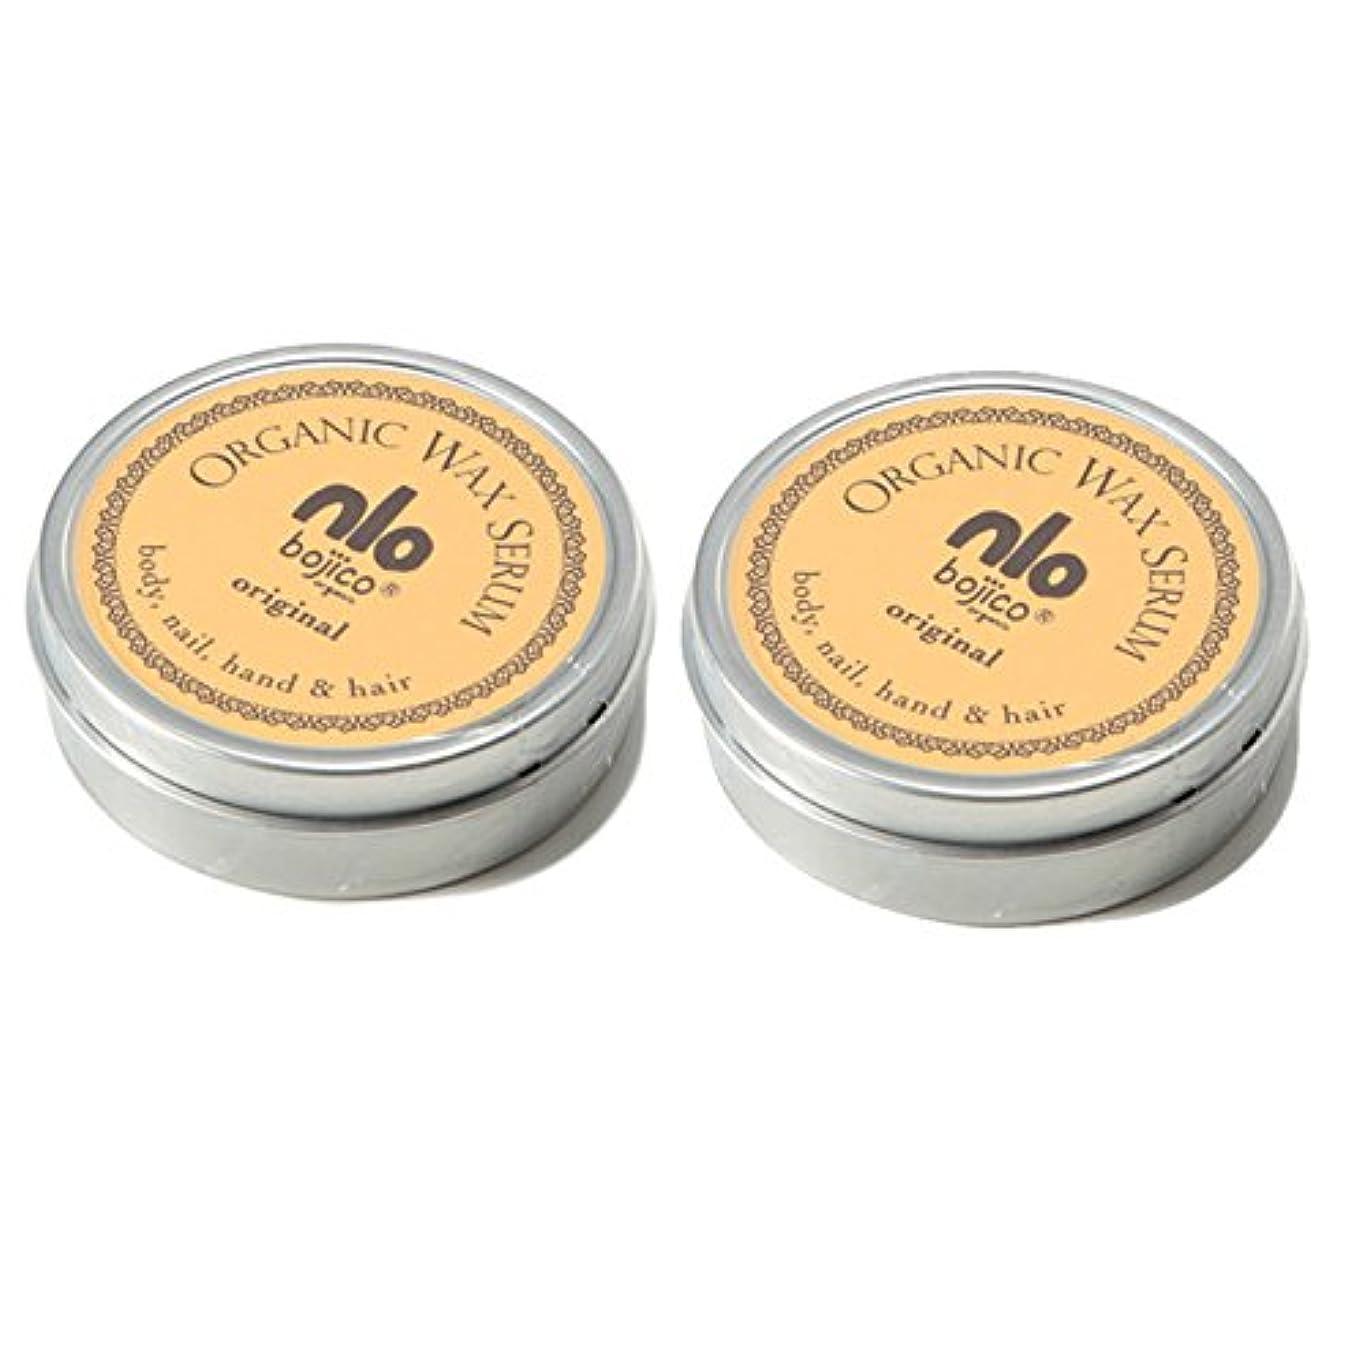 申請者ストレージ遠征【40g×2個セット】 ボジコ オーガニック ワックス セラム<オリジナル> bojico Organic Wax Serum 40g×2